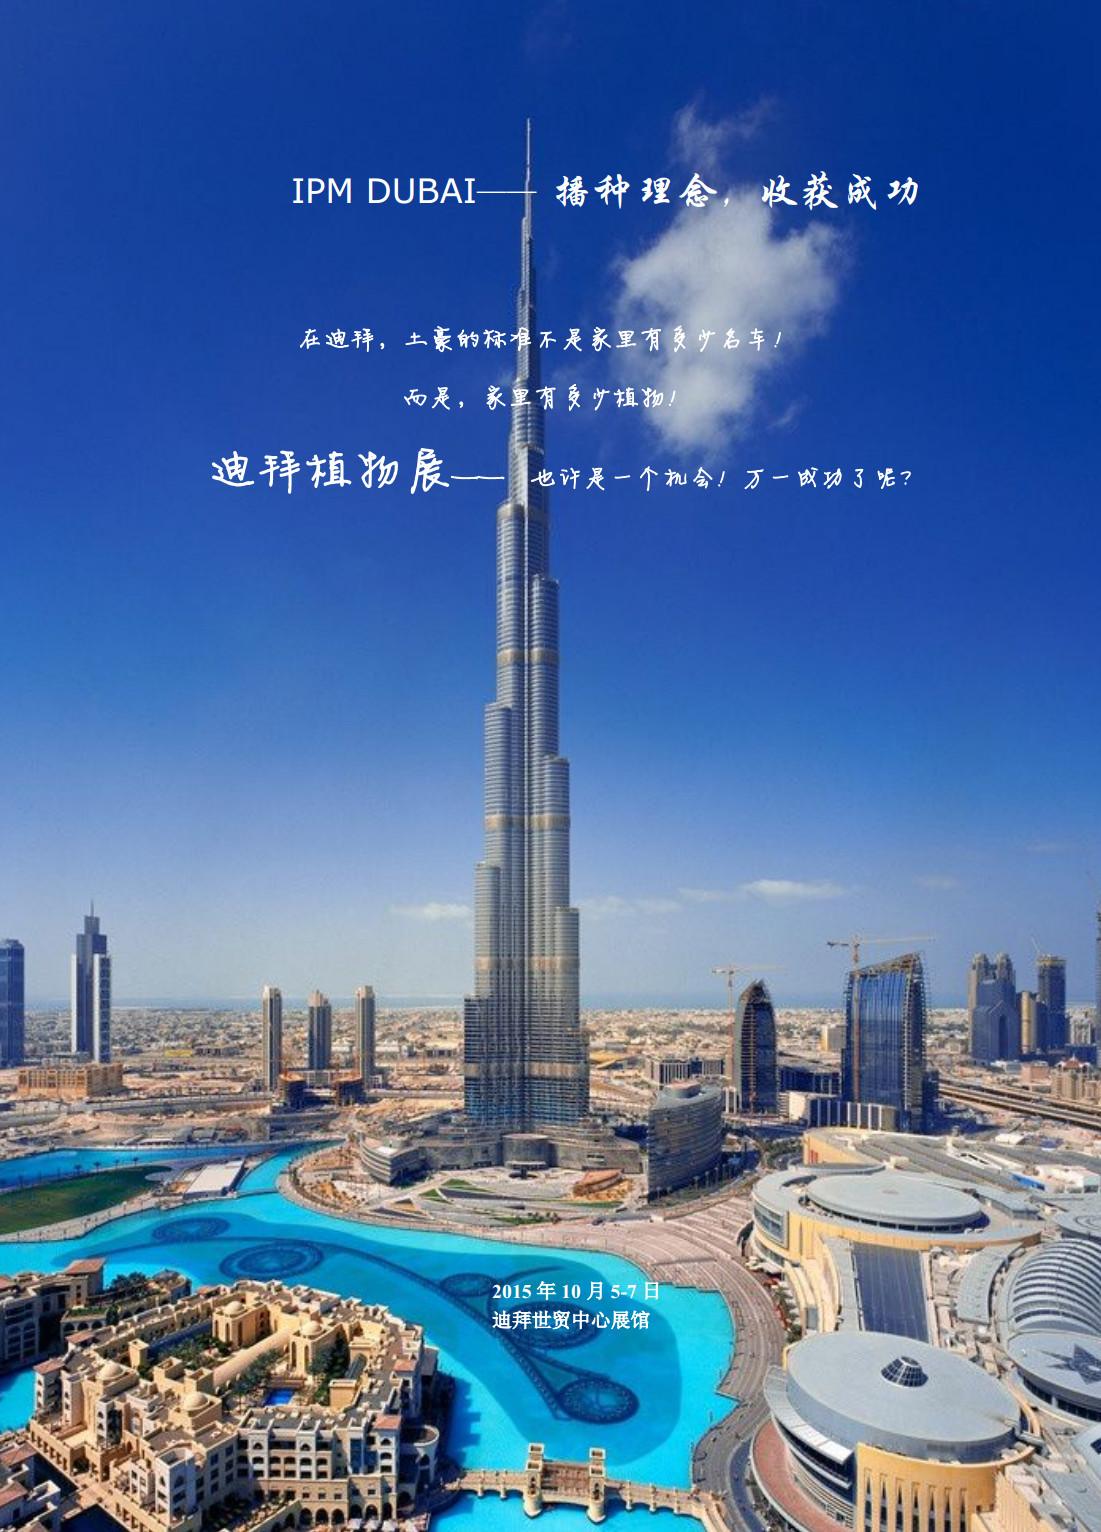 迪拜植物展,也许是一个机会!万一成功了呢?在迪拜,土豪的标准不是家里有多少名车,而是家里有多少植物